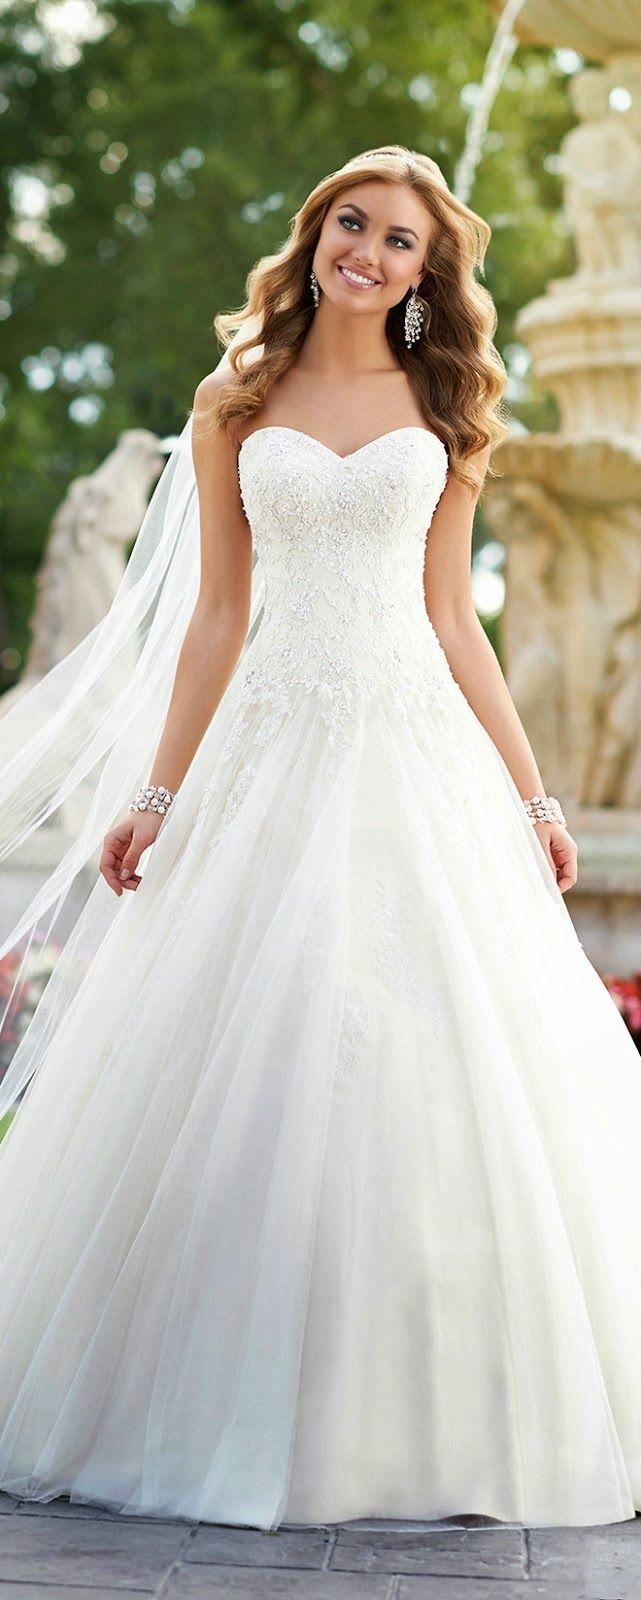 wedding dresses best wedding dresses Best Wedding Dresses of